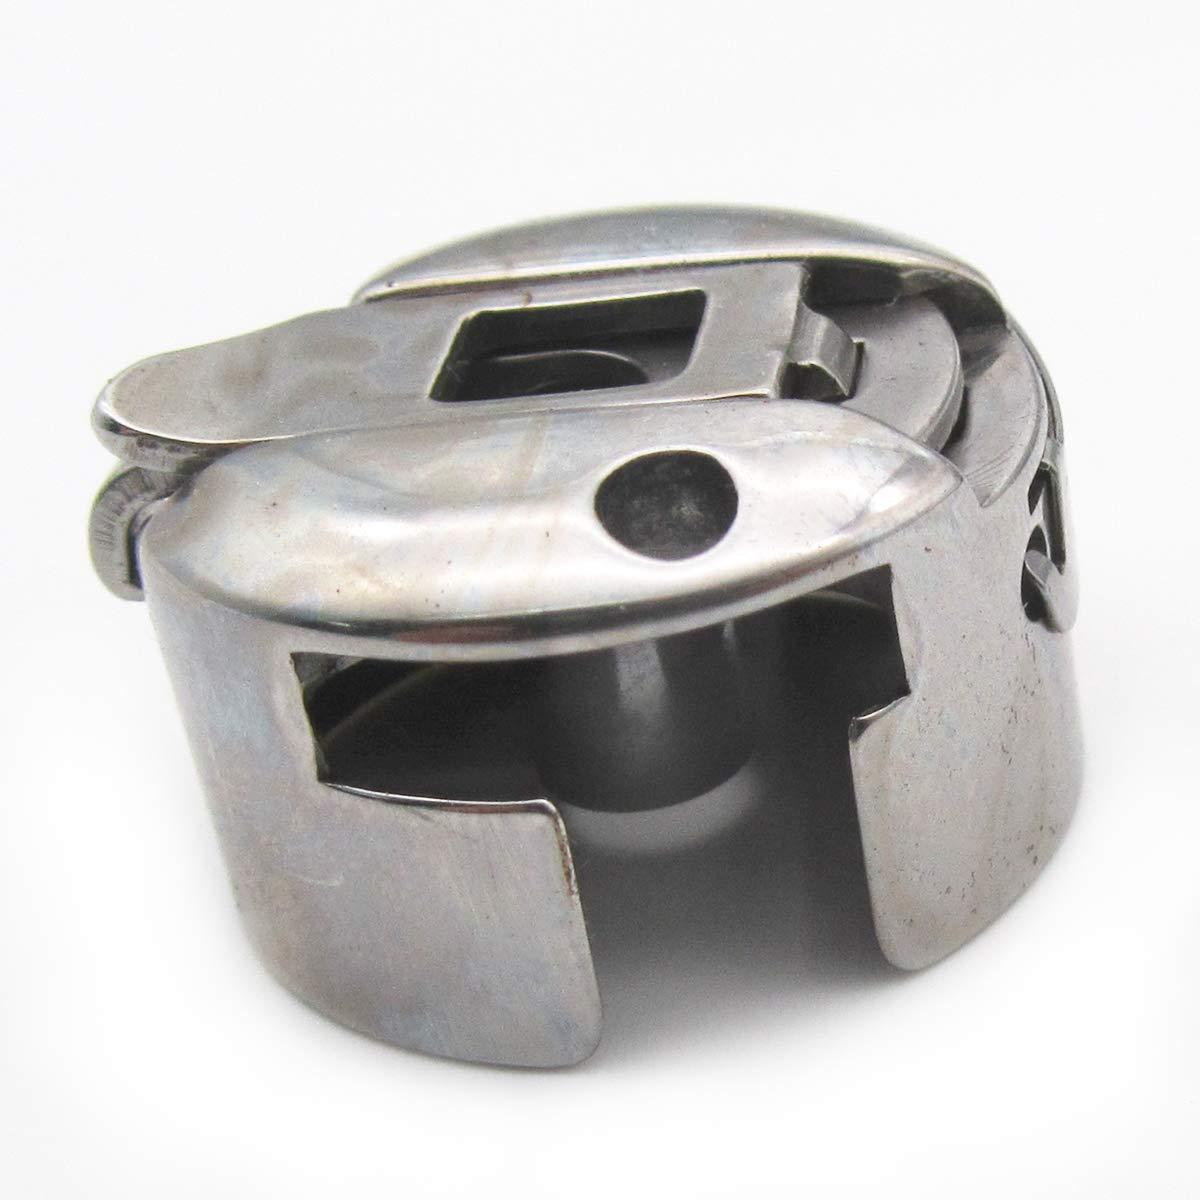 Kunpeng –  Custodia per bobine per macchine da cucire Durkopp 265 # 2111115 1PCS